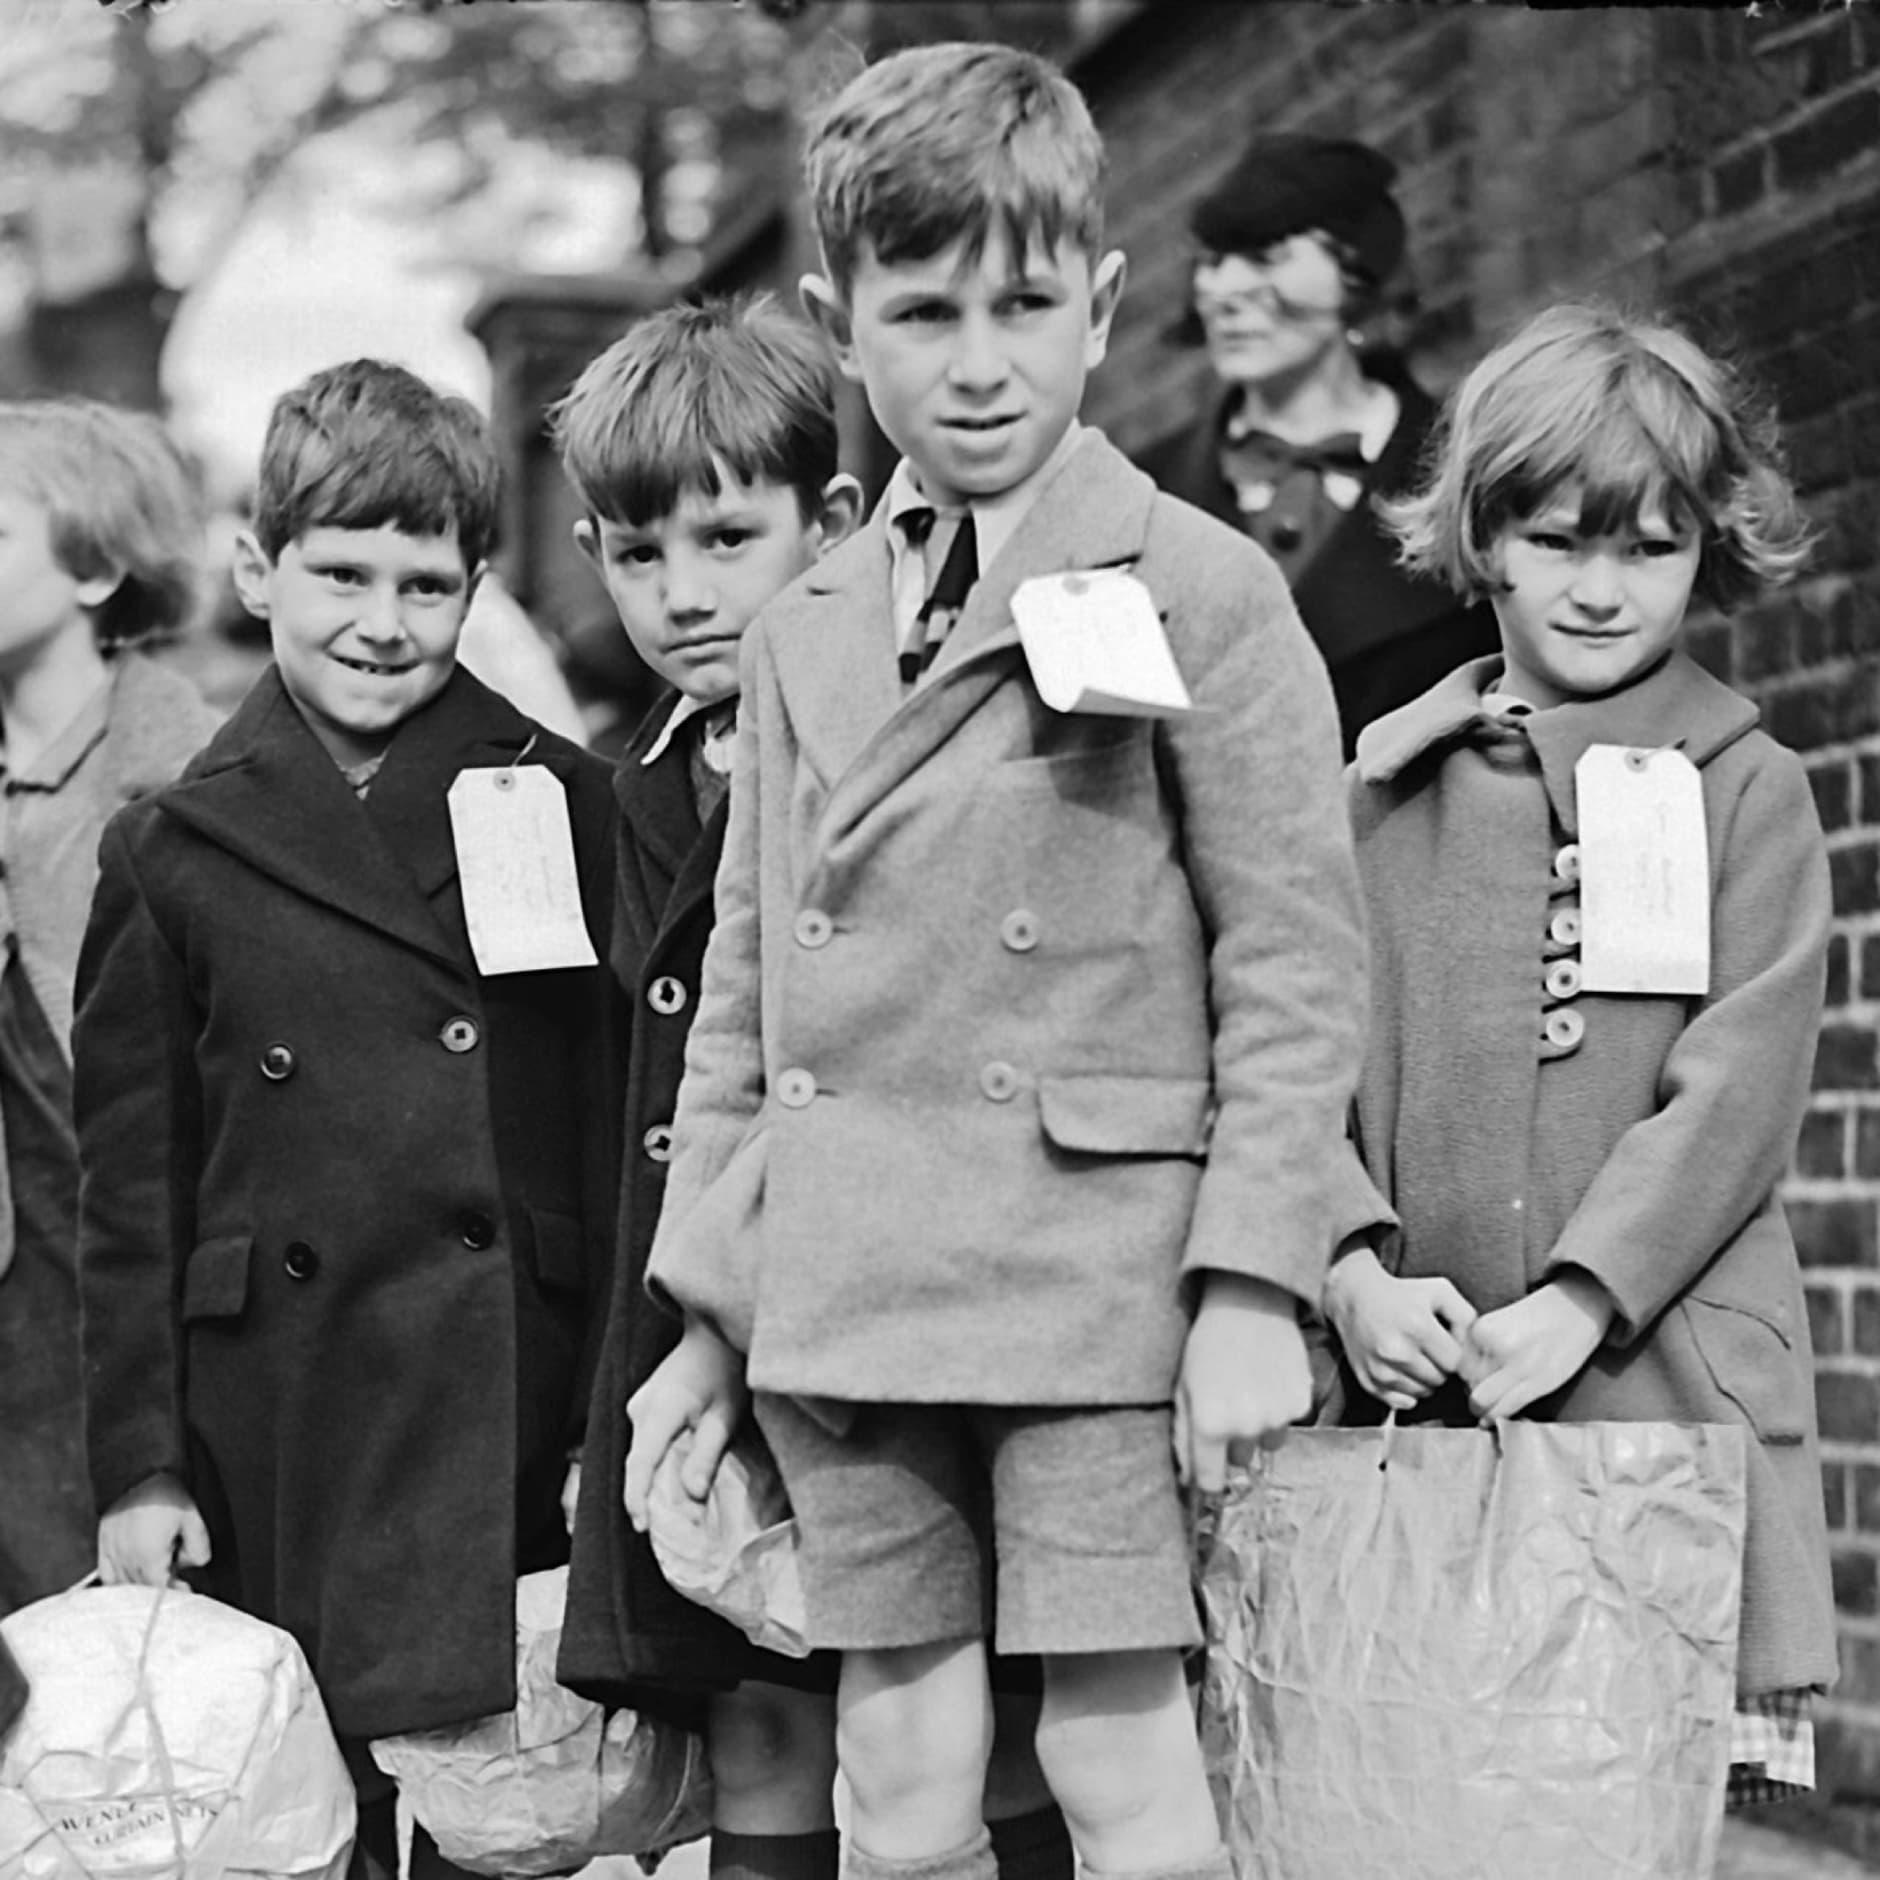 Эвакуированные дети вовремя Второй мировой войны. Фото: dkfindout.com/us/history/world-war-ii/evacuated-children/